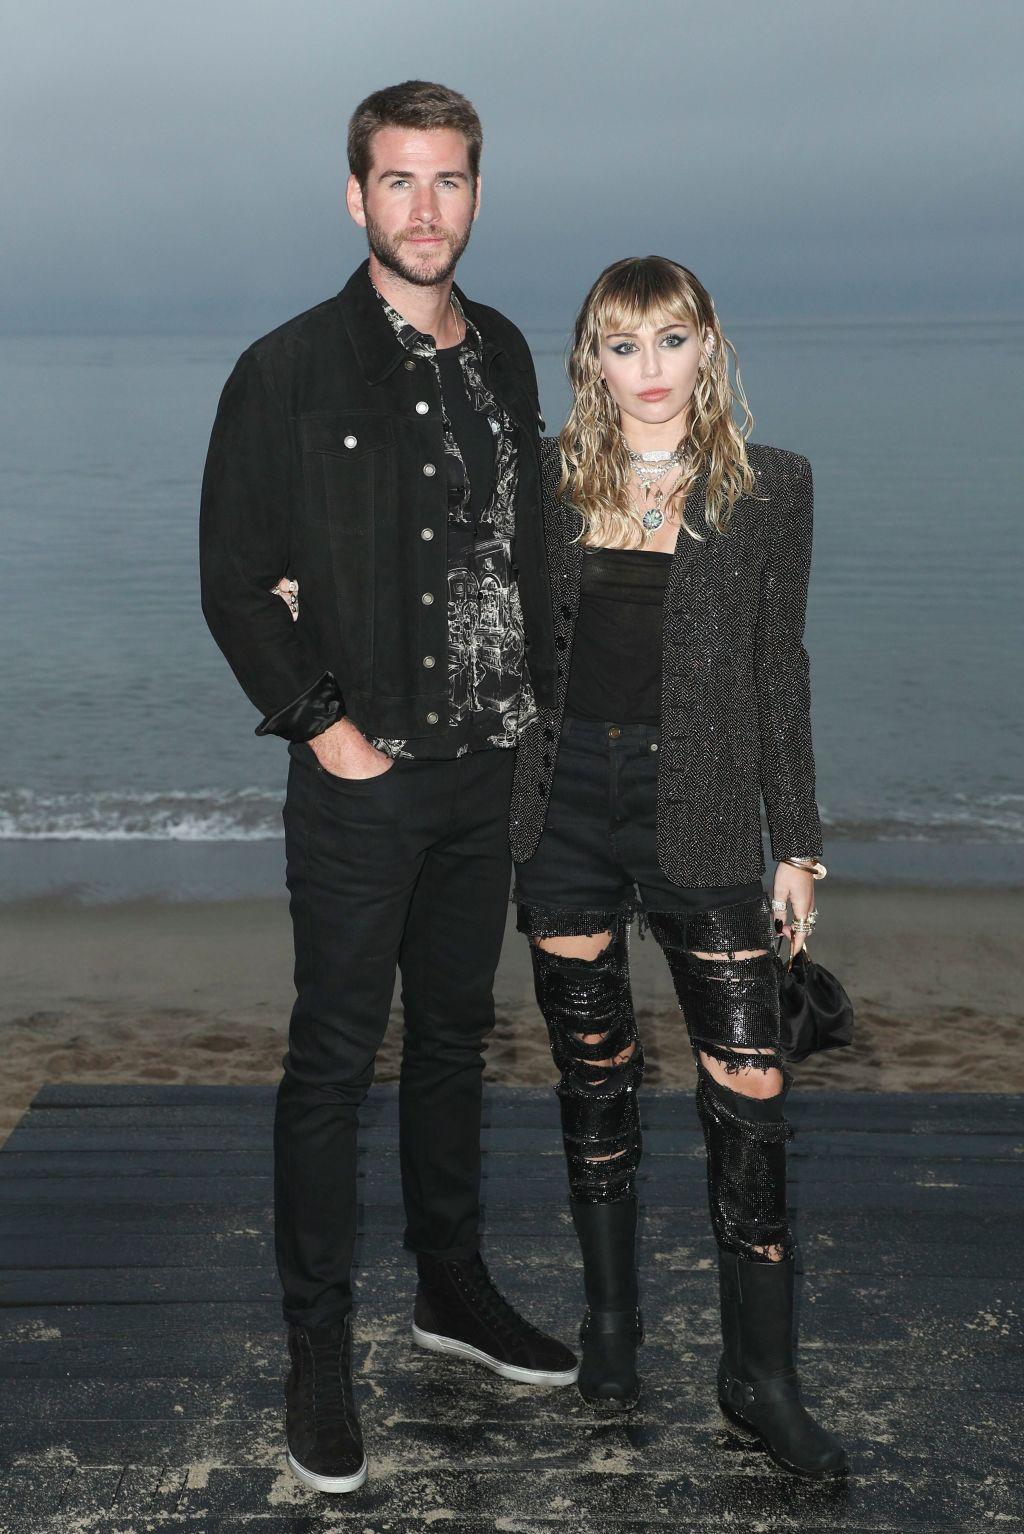 Miley Cyrus, husband Liam Hemsworth